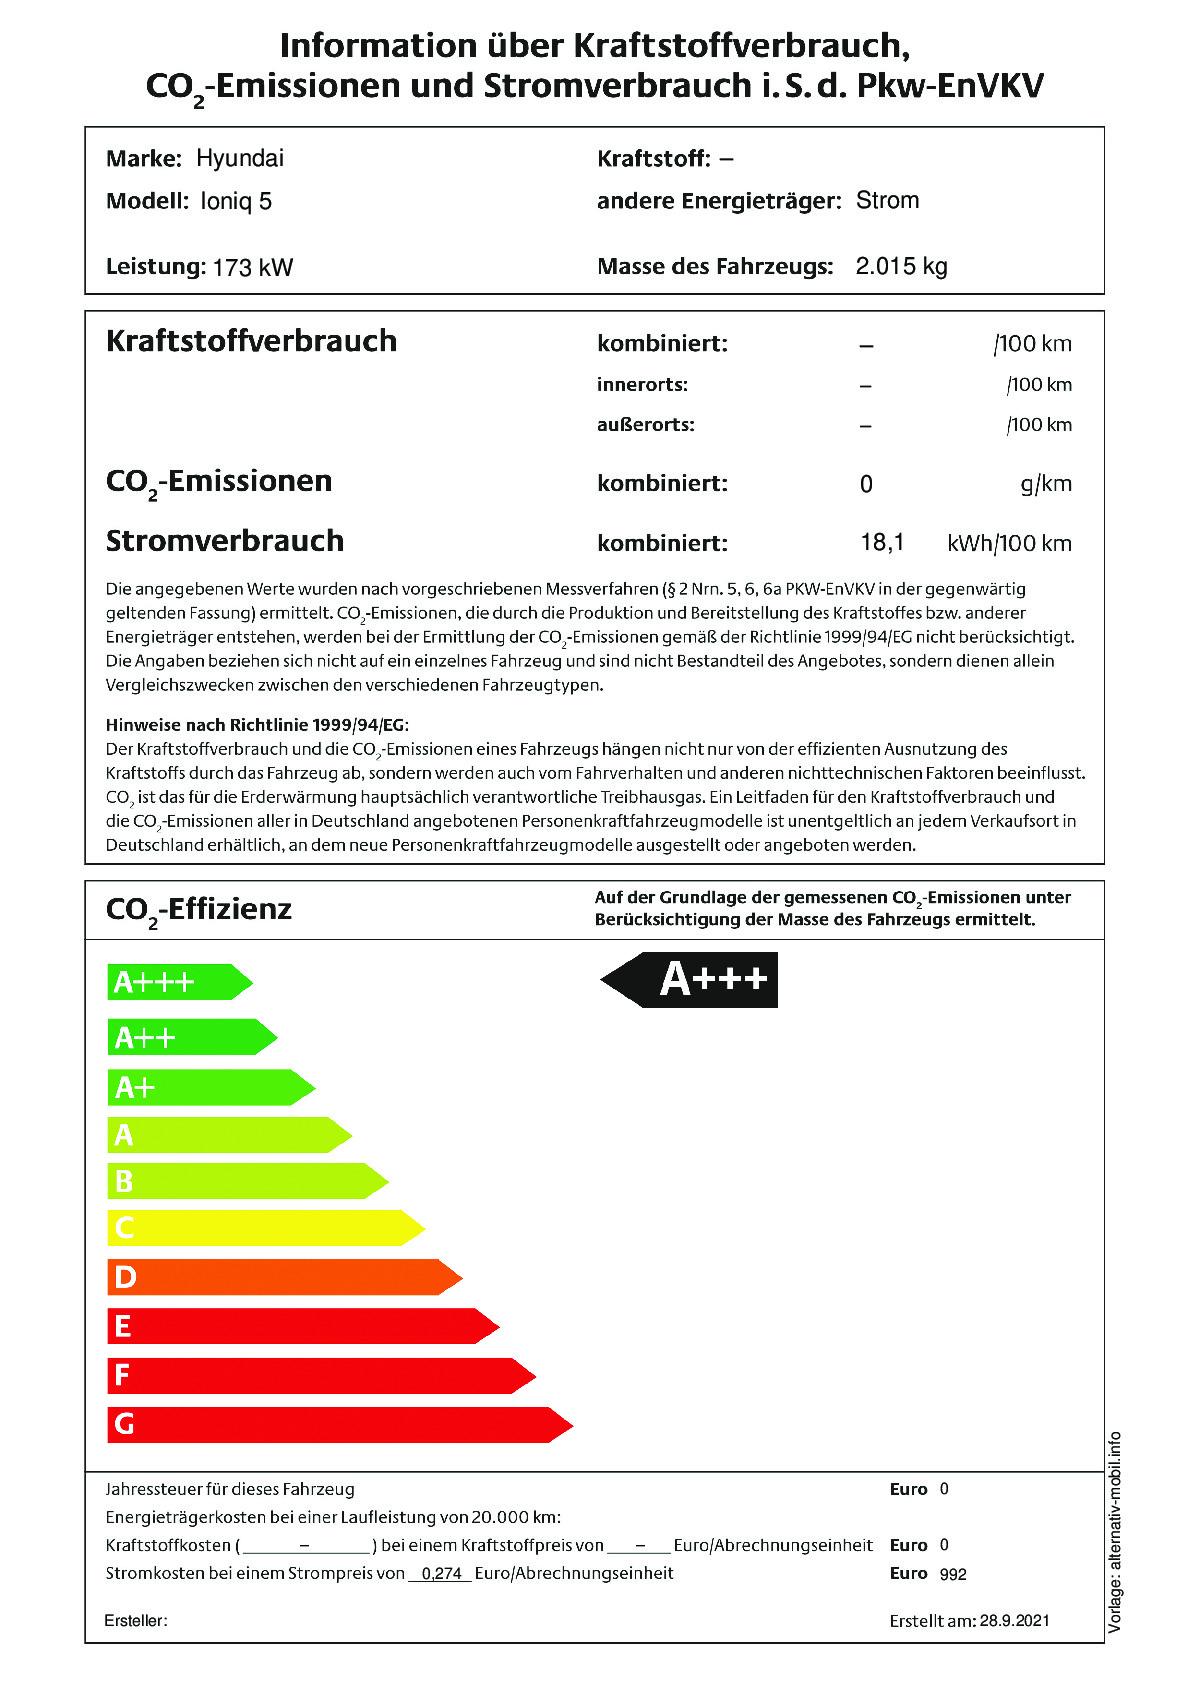 Energielabel 58 kWh Allradantrieb